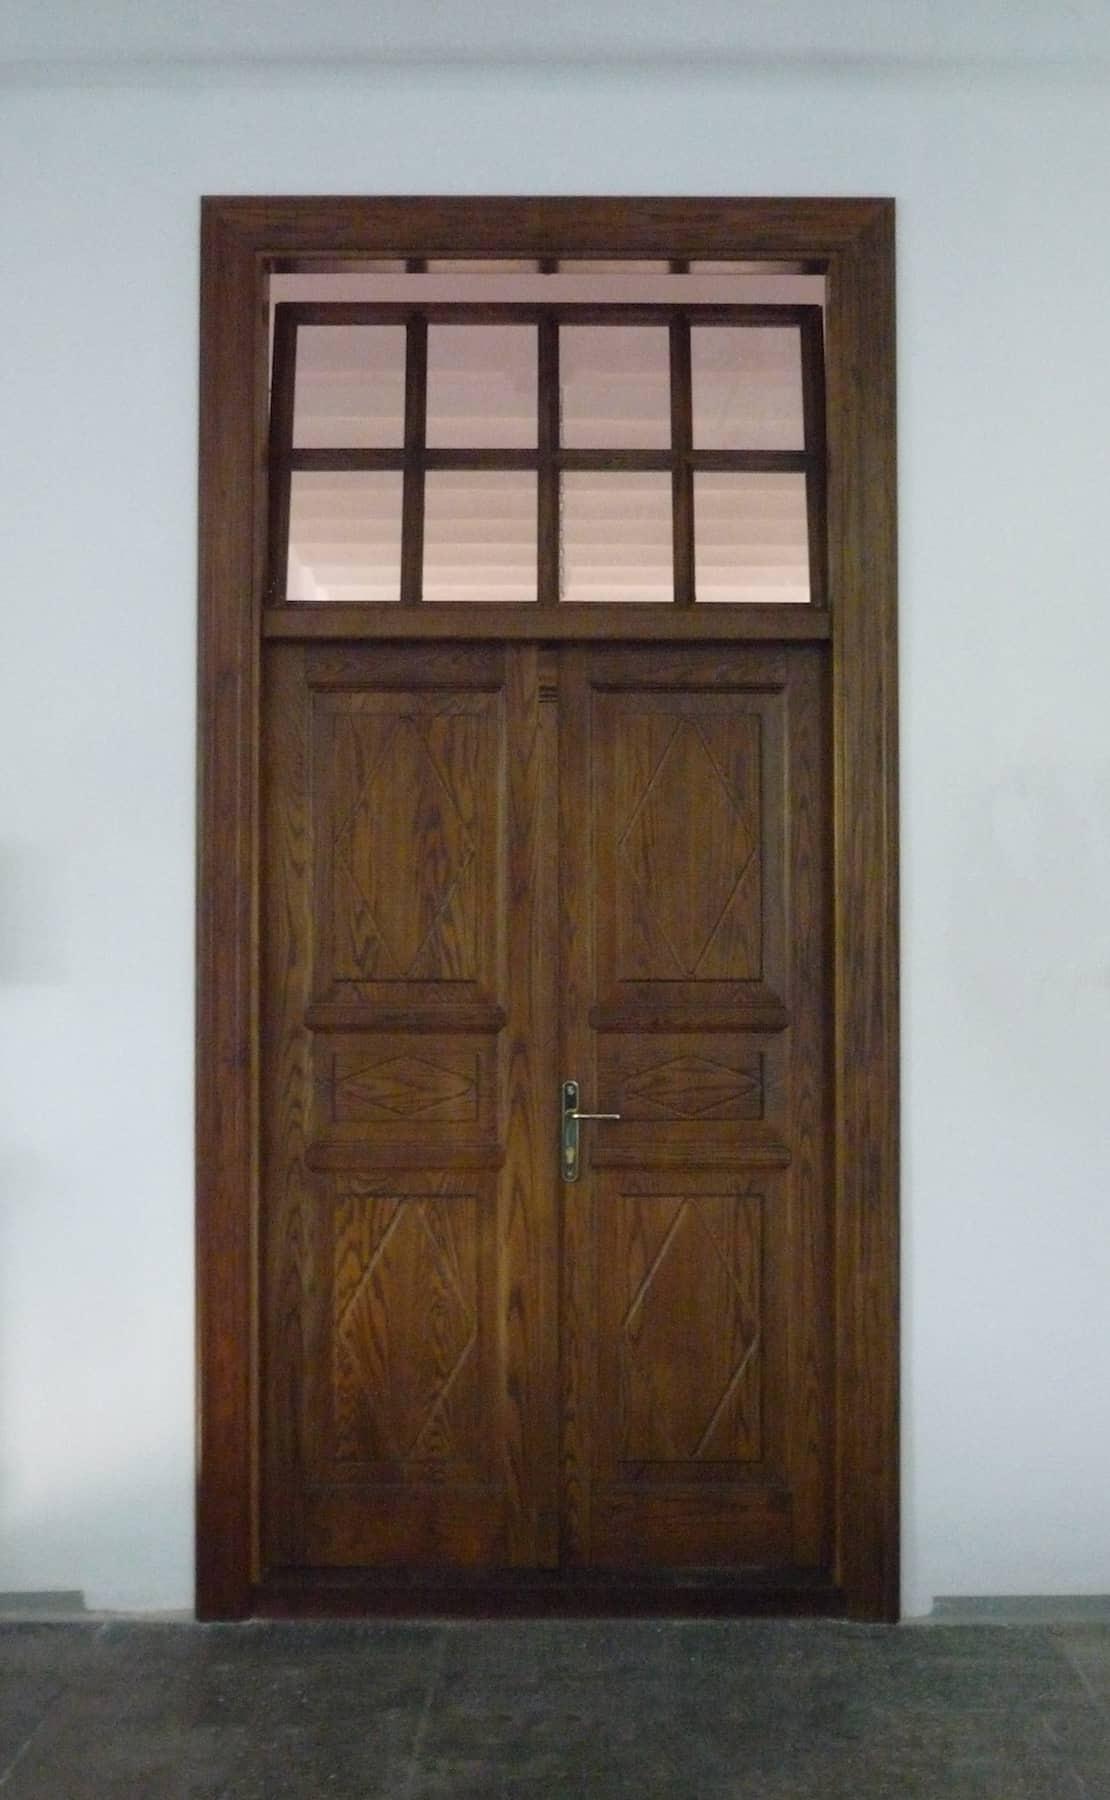 ταμπλαδωτή ξύλινη πόρτα με φεγγίτη